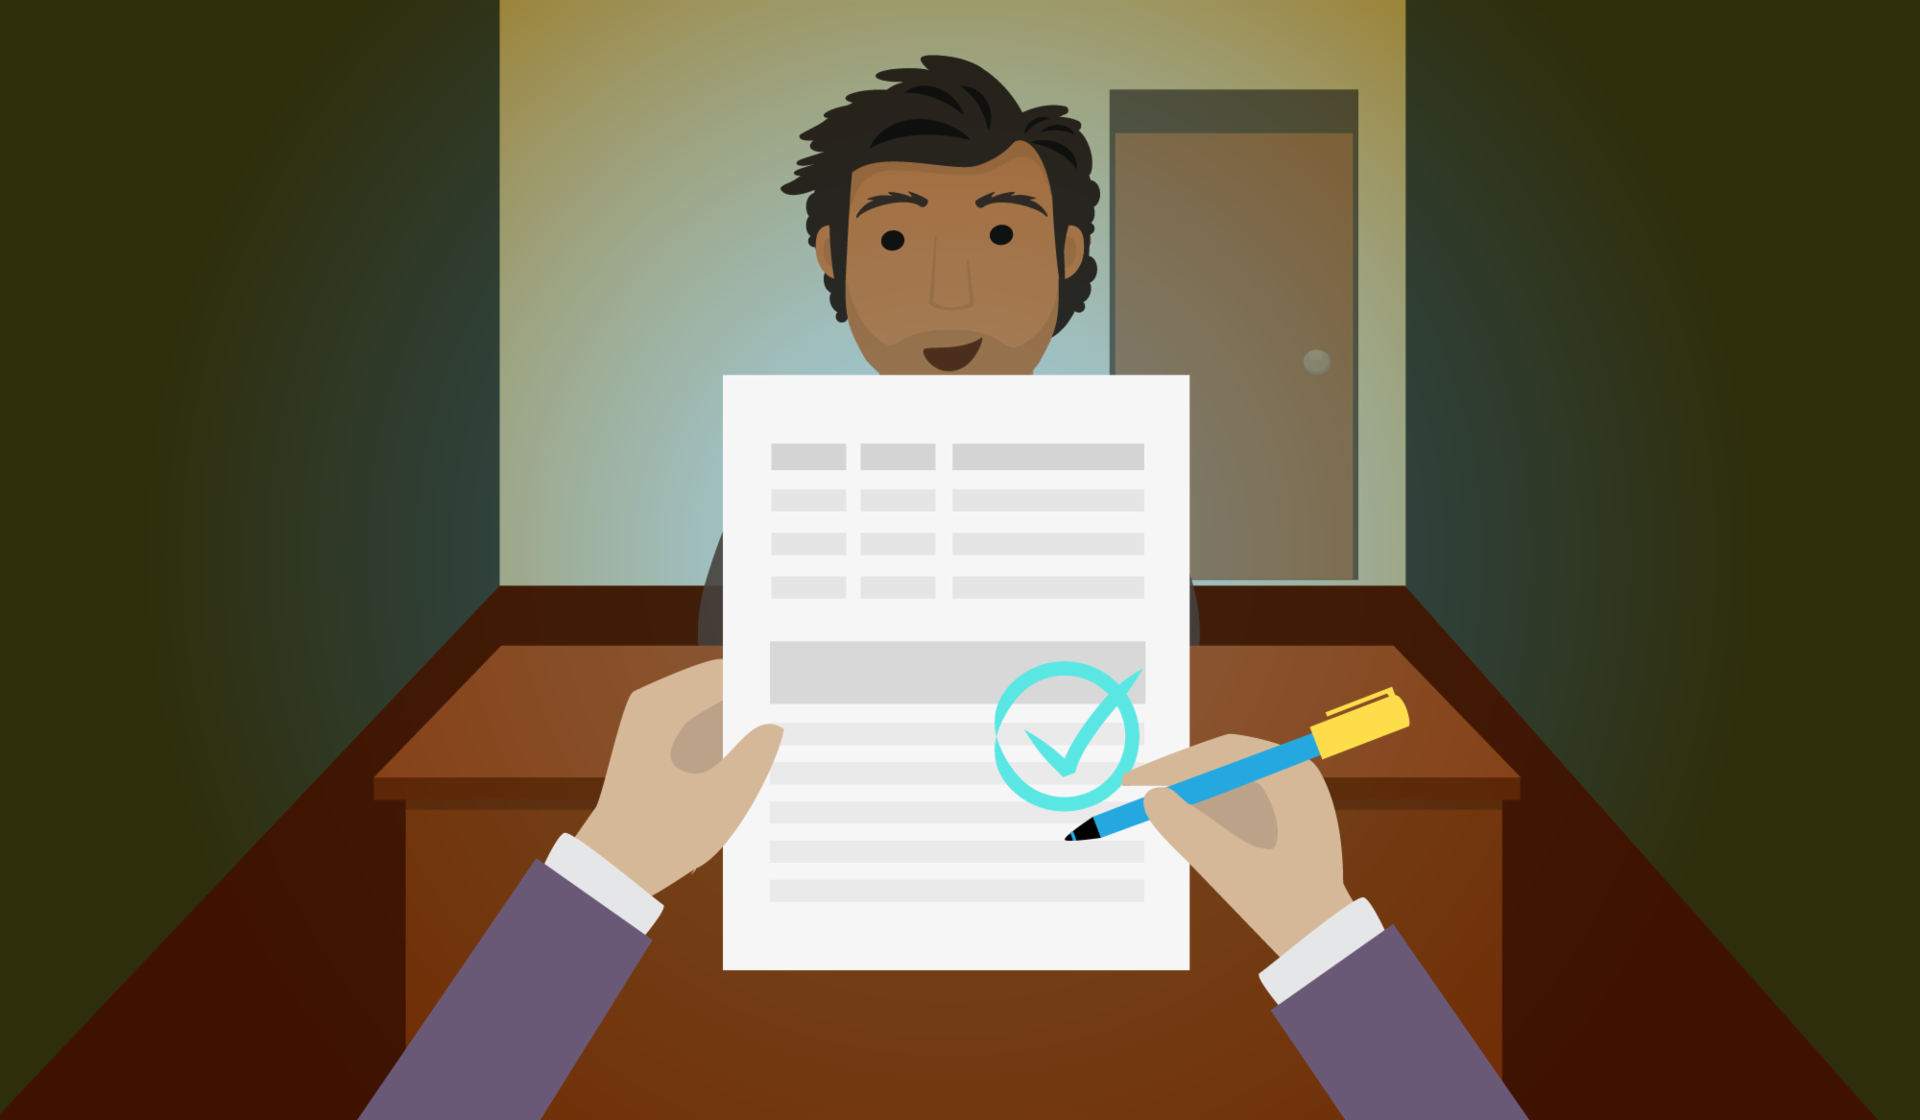 Tanto el entrevistador como el entrevistado tienen unos objetivos en la entrevista de trabajo.